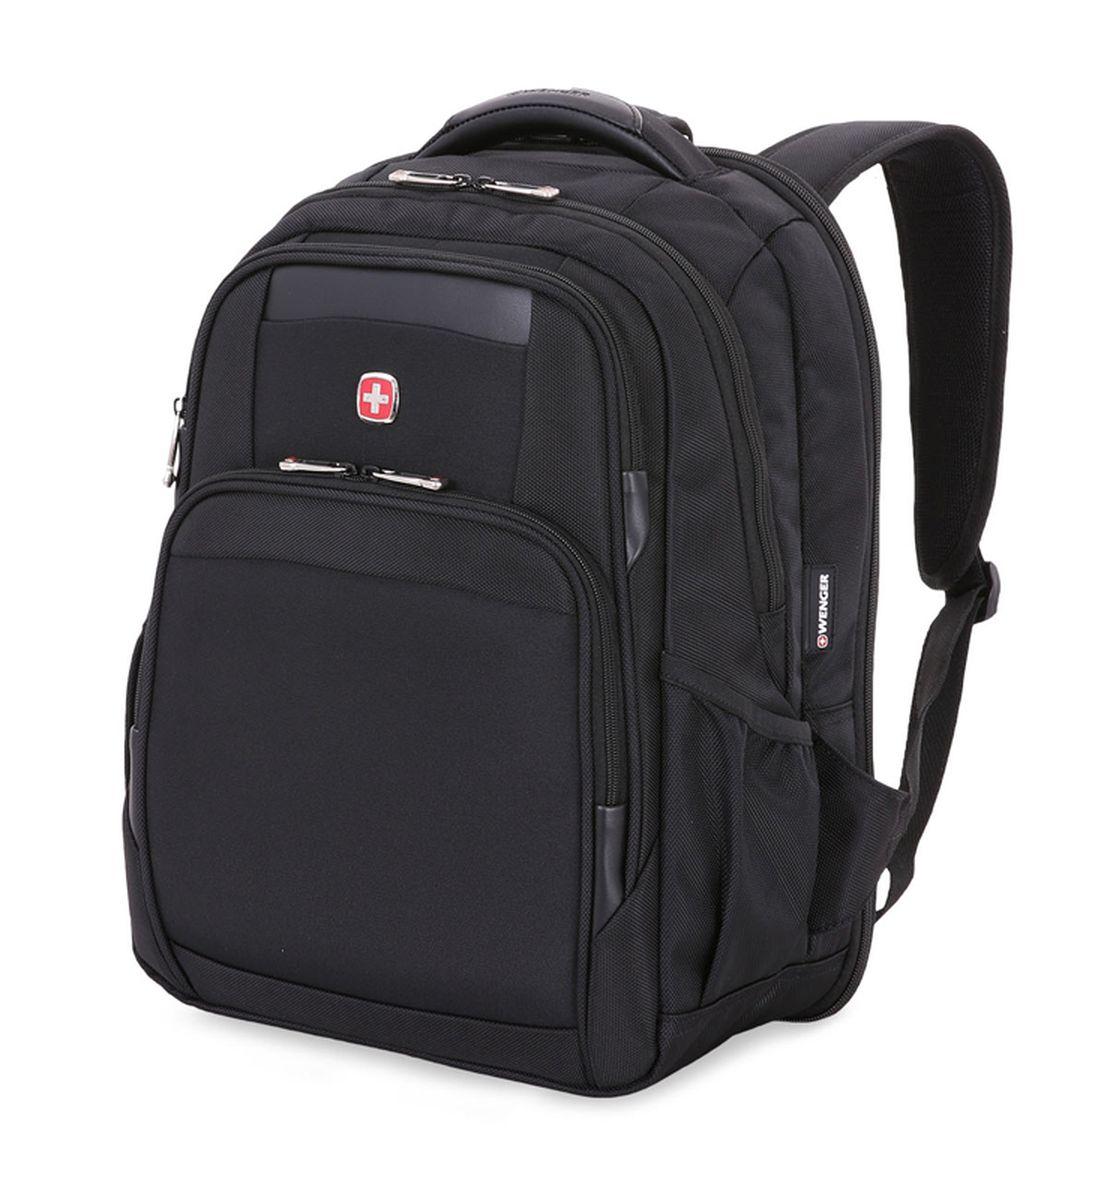 Рюкзак Wenger ScanSmart , цвет: черный. 6392202415Z90 blackРюкзак Wenger выполнен из высококачественного плотного нейлона. На лицевой стороне расположено два небольших кармана на молниях для мелочей.Изделие имеет боковые карманы для бутылок. Рюкзак имеет боковые карманы для бутылок и рукав для крепления к чемодану. Рюкзак оснащен ручкой для подвешивания и удобными мягкими лямками, длину которых можно изменять с помощью пряжек. Рельефная спинка с системой циркуляции воздуха гарантирует поддержку спины, а встроенная петля обеспечивает удобное крепление рюкзака с другими сумками. Рюкзак имеет два вместительных отделений и застегивается с помощью молнии. Внутри расположено отделение для ноутбука с мягкими стенками,отделение для планшета иорганайзер для мелких предметов, который вмещает в себя ключницу и многочисленные кармашки для ручек, мобильного телефона, документов и карты памяти.